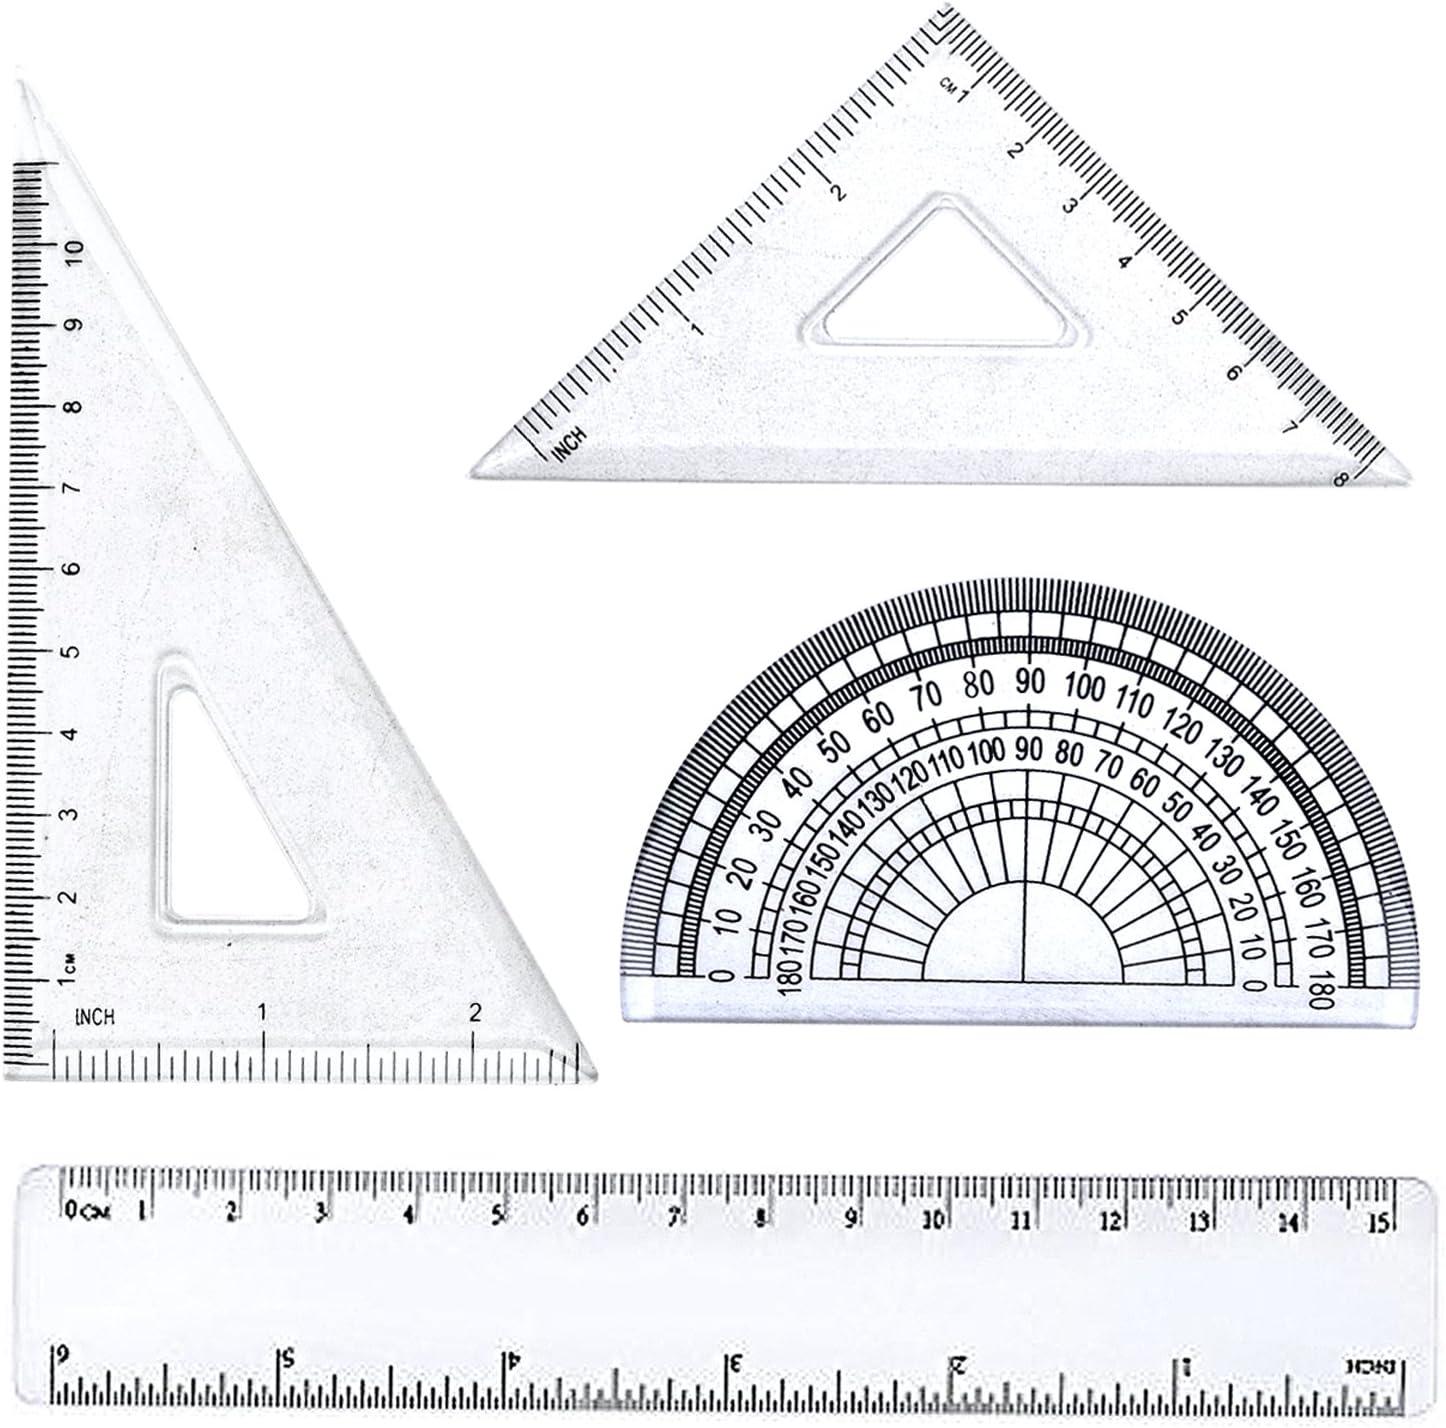 Regla Juego,4pcs Reglas de Plastico Transparente Herramienta de Geometría Matemática:Escuadra, Cartabón, Regla y Transportador